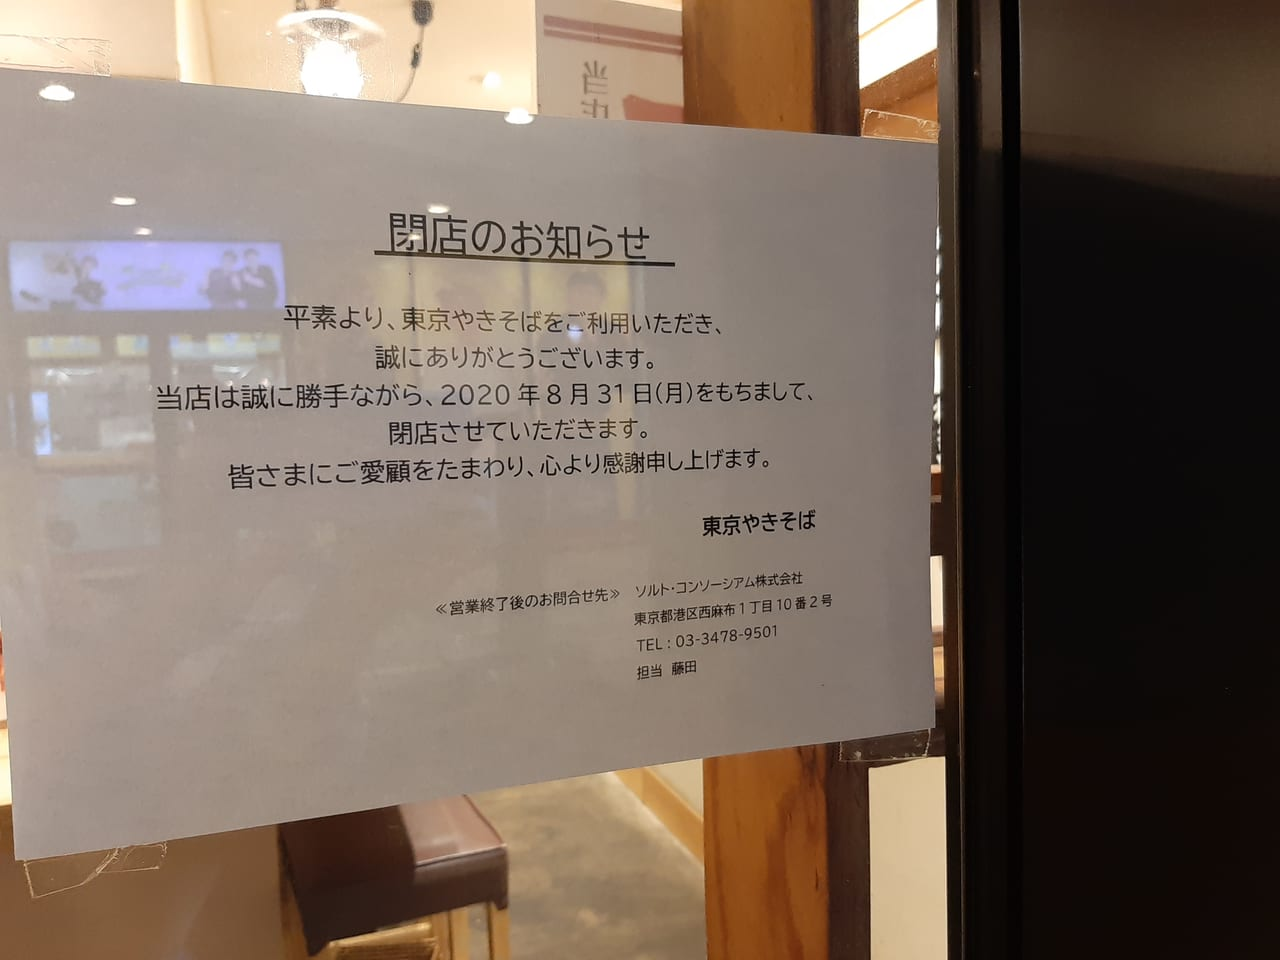 東京焼きそば閉店